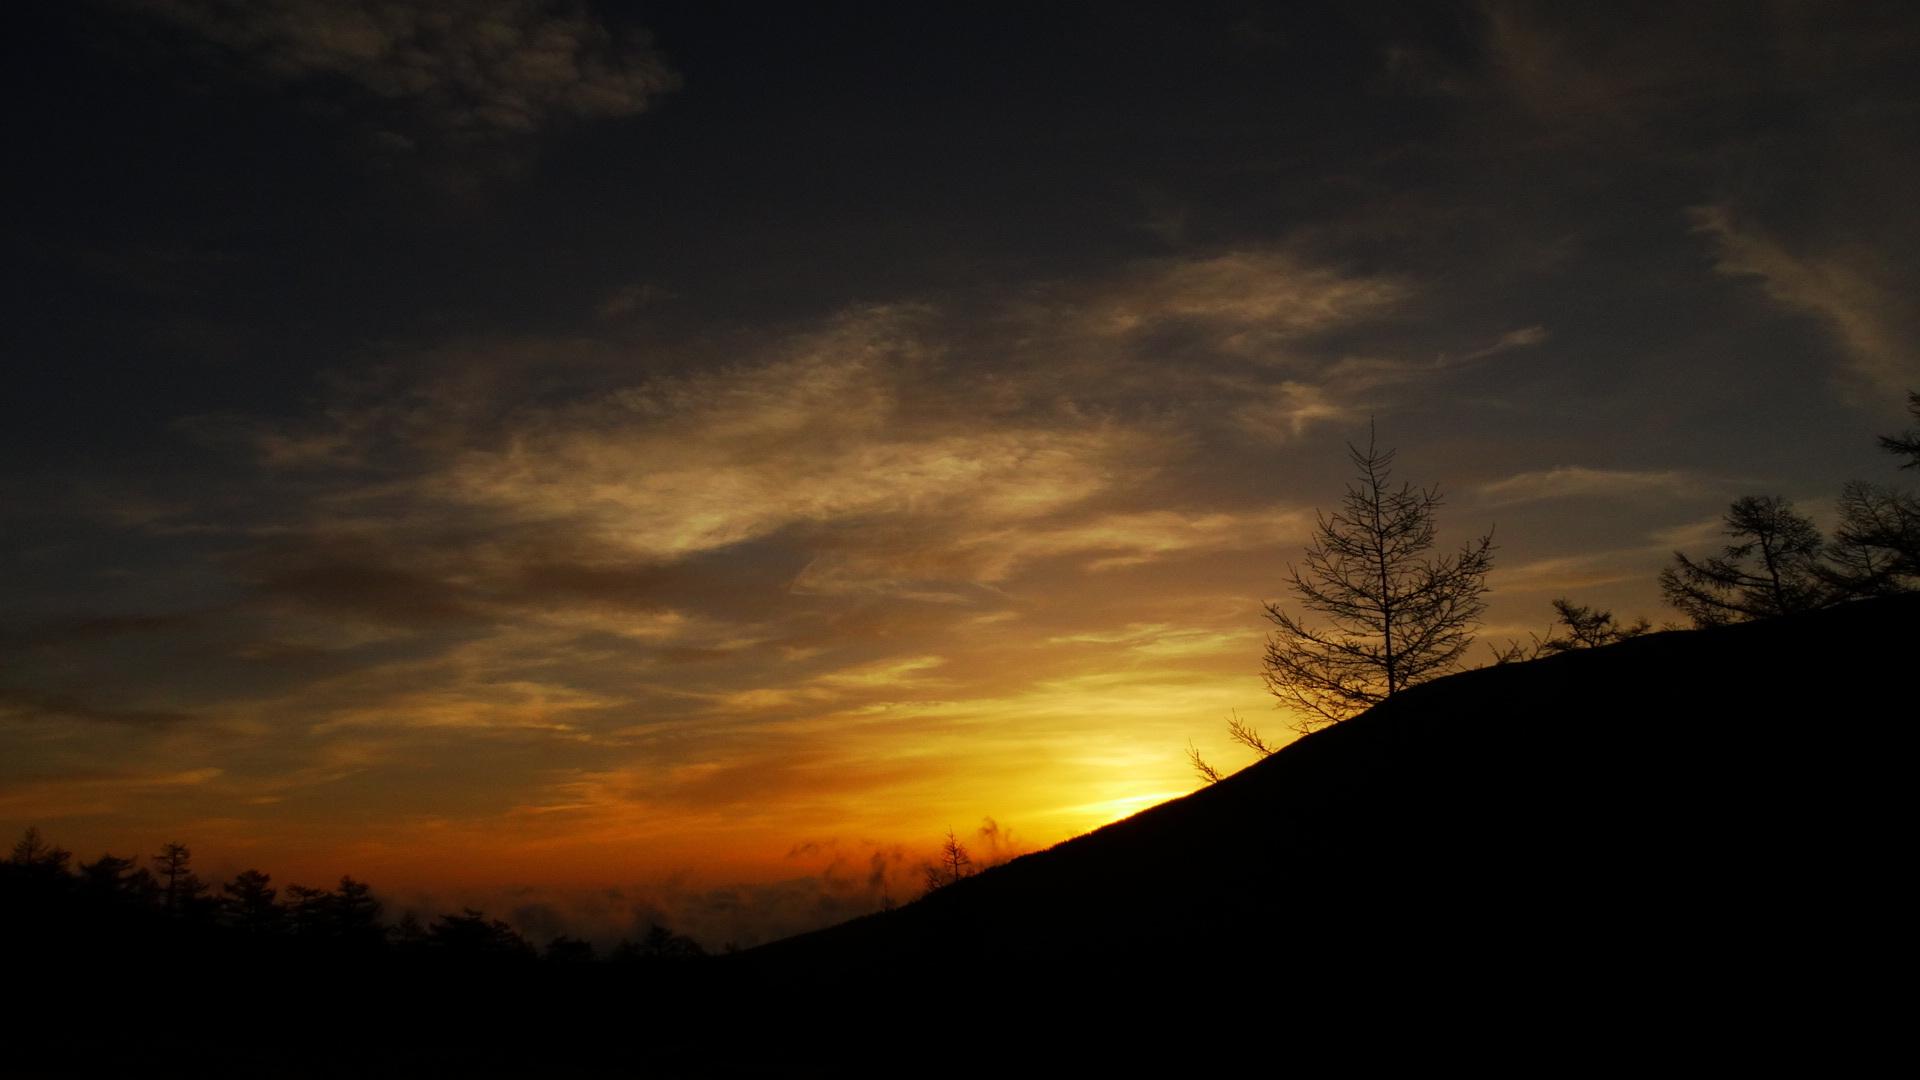 ご来光が綺麗な季節_e0120896_06332867.jpg